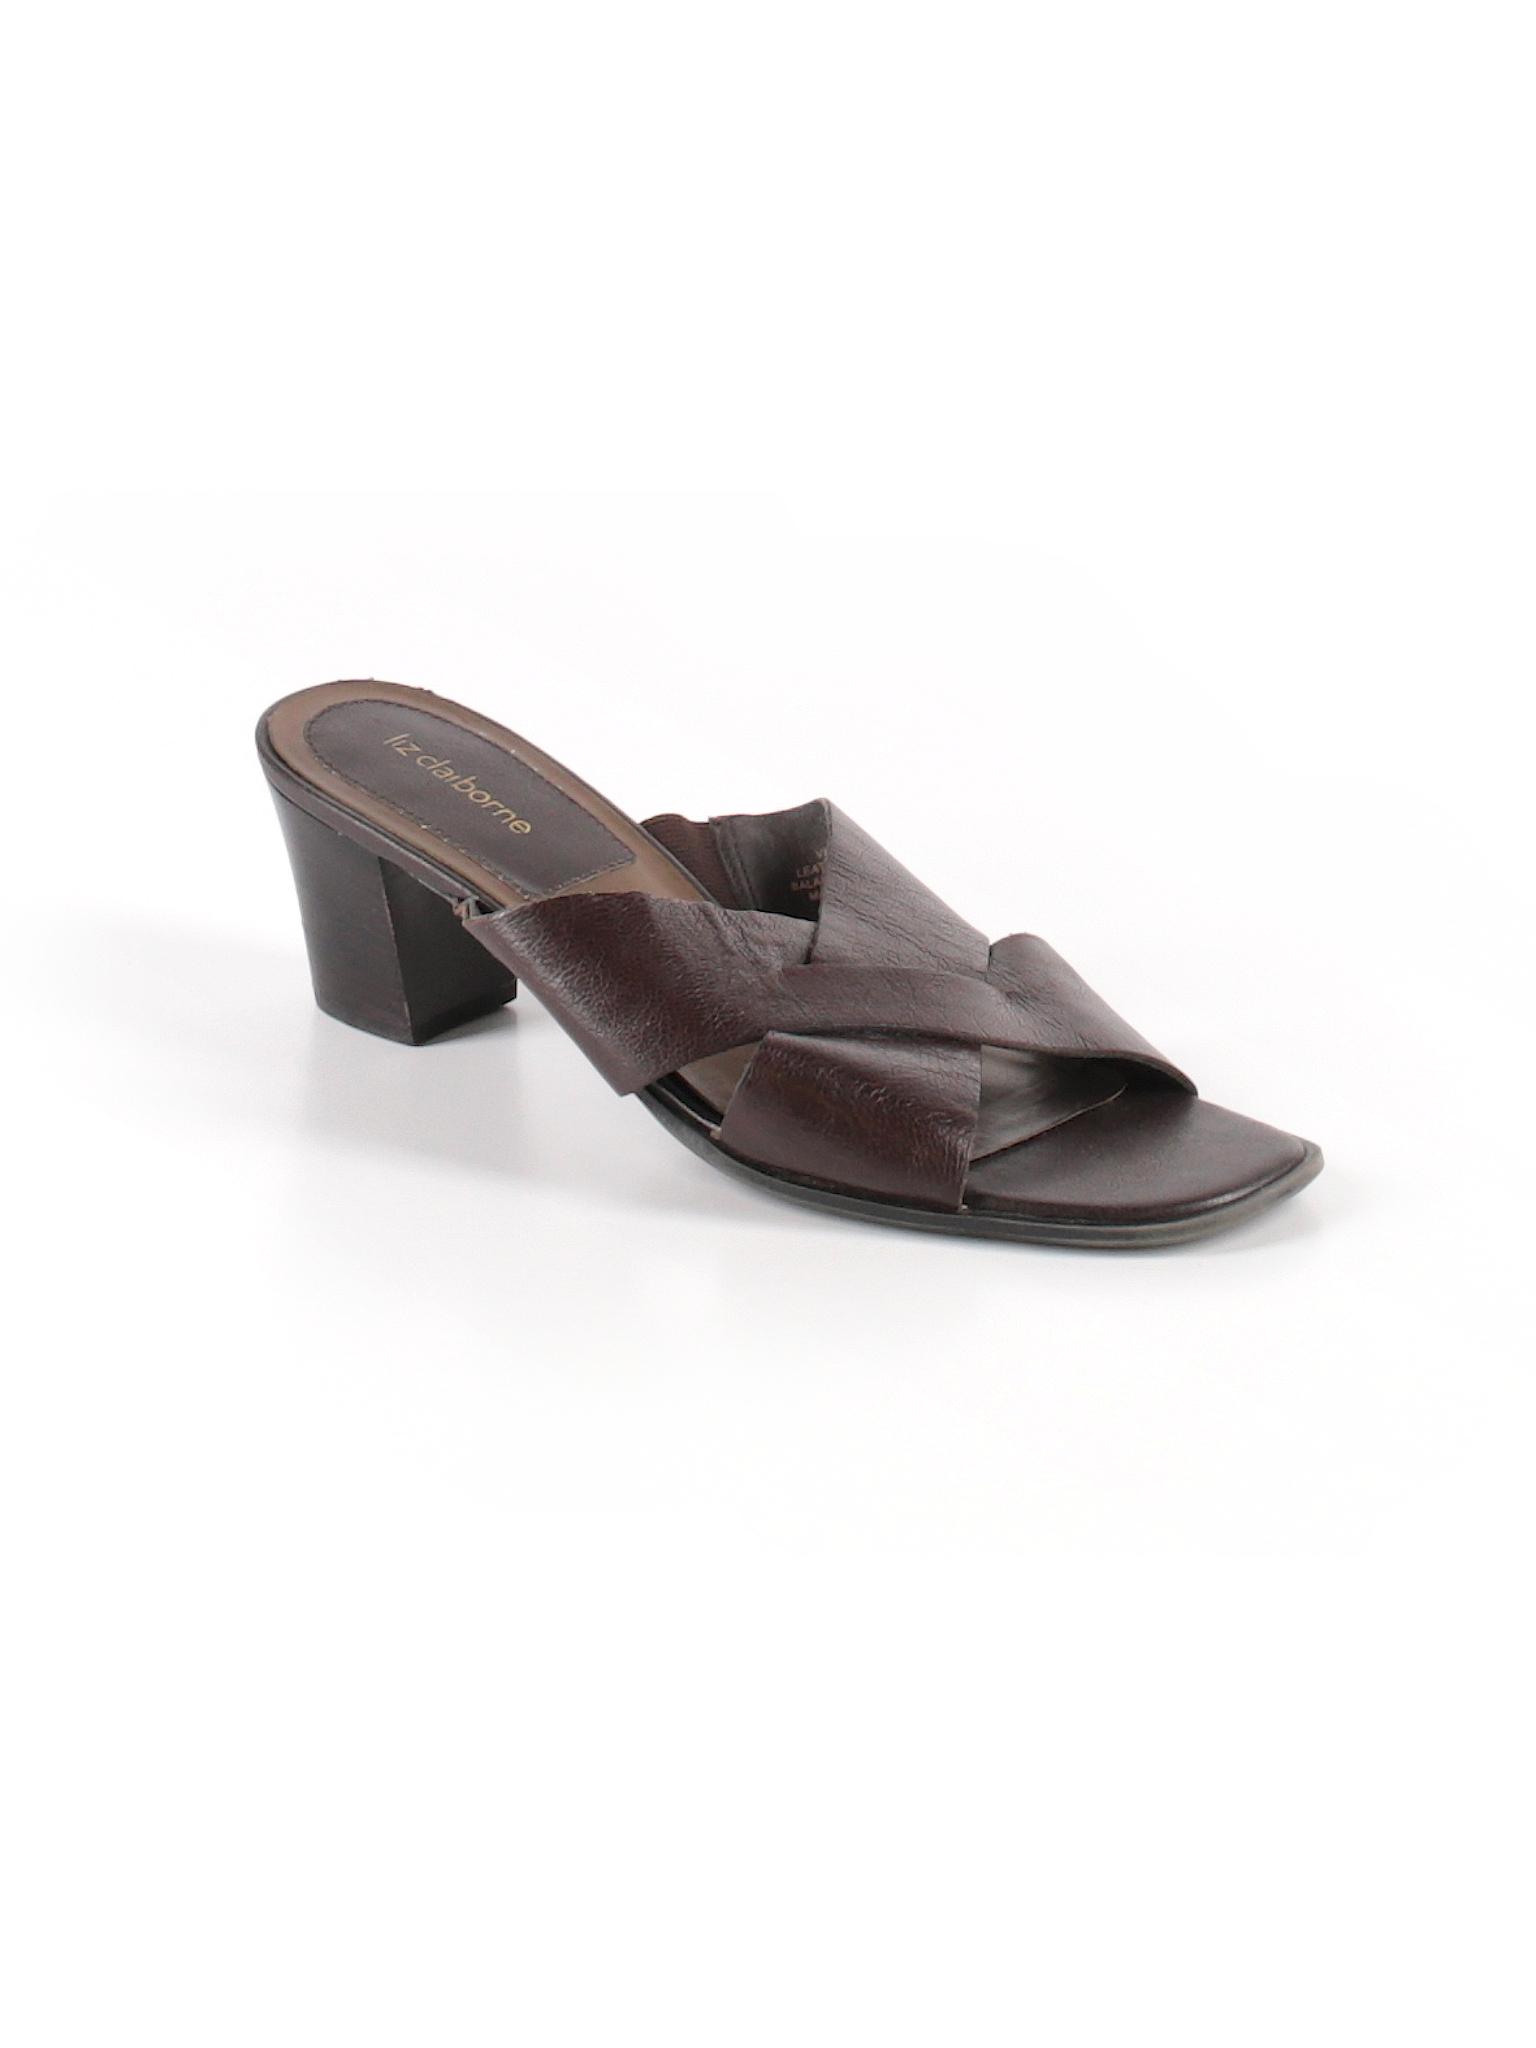 Claiborne promotion Heels Heels Liz Claiborne Boutique Liz promotion promotion Boutique Liz Boutique Claiborne tqIS7